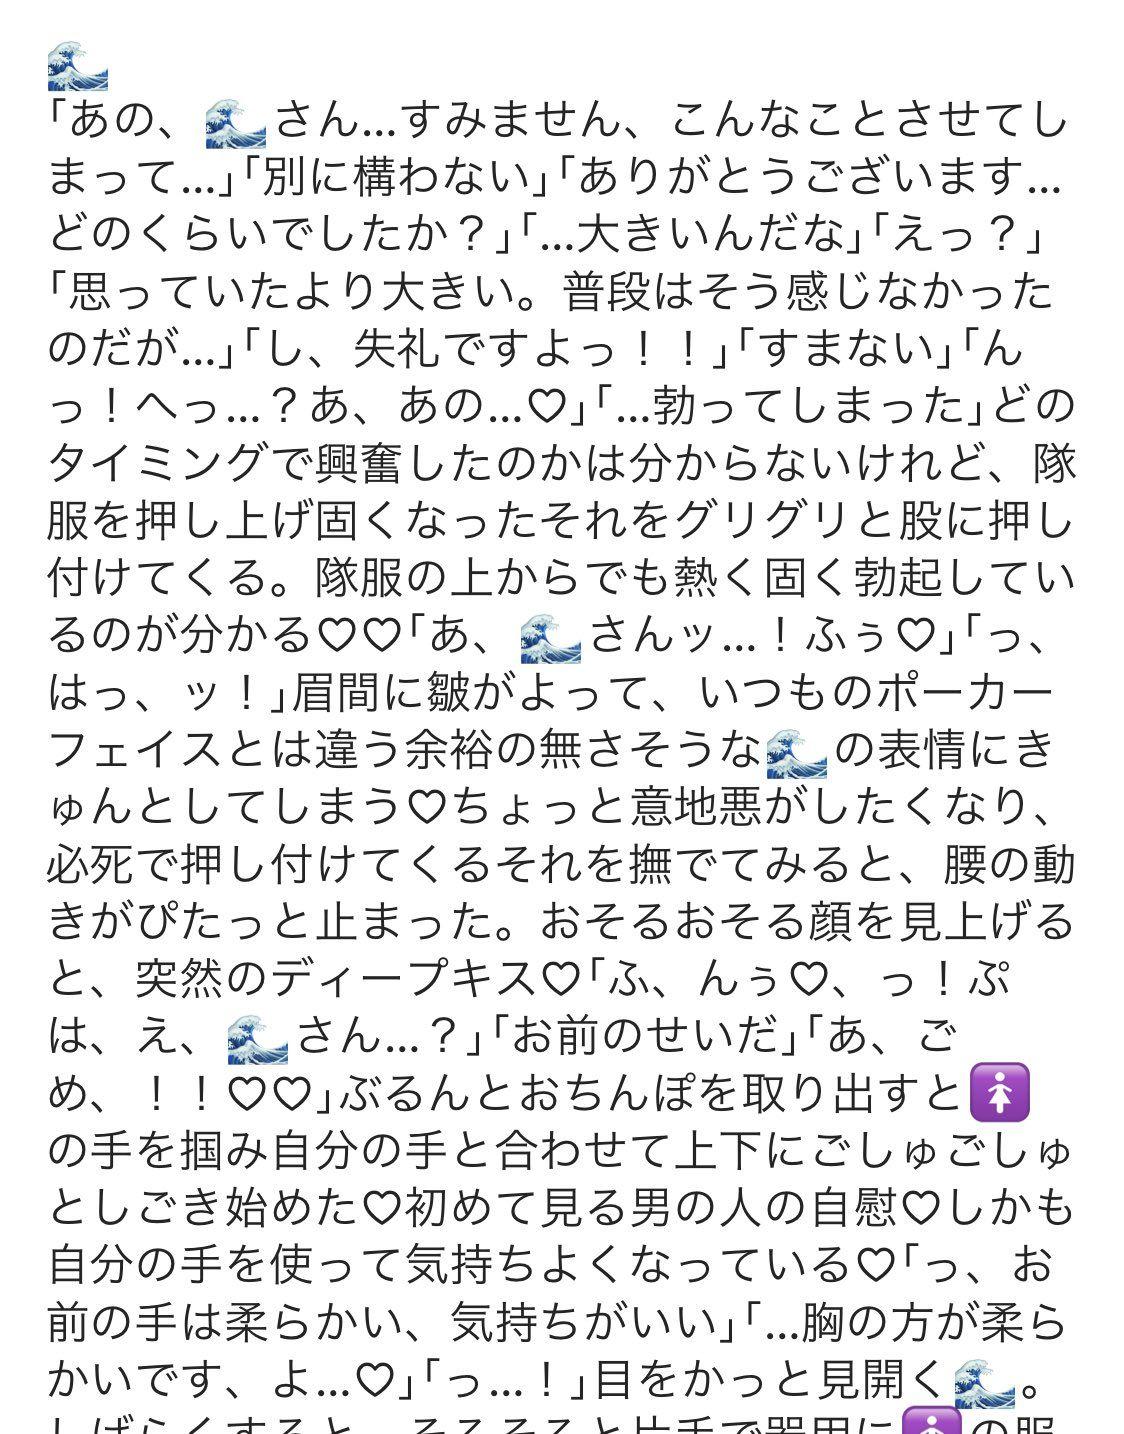 ボード 鬼滅の刃夢小説 エロ のピン